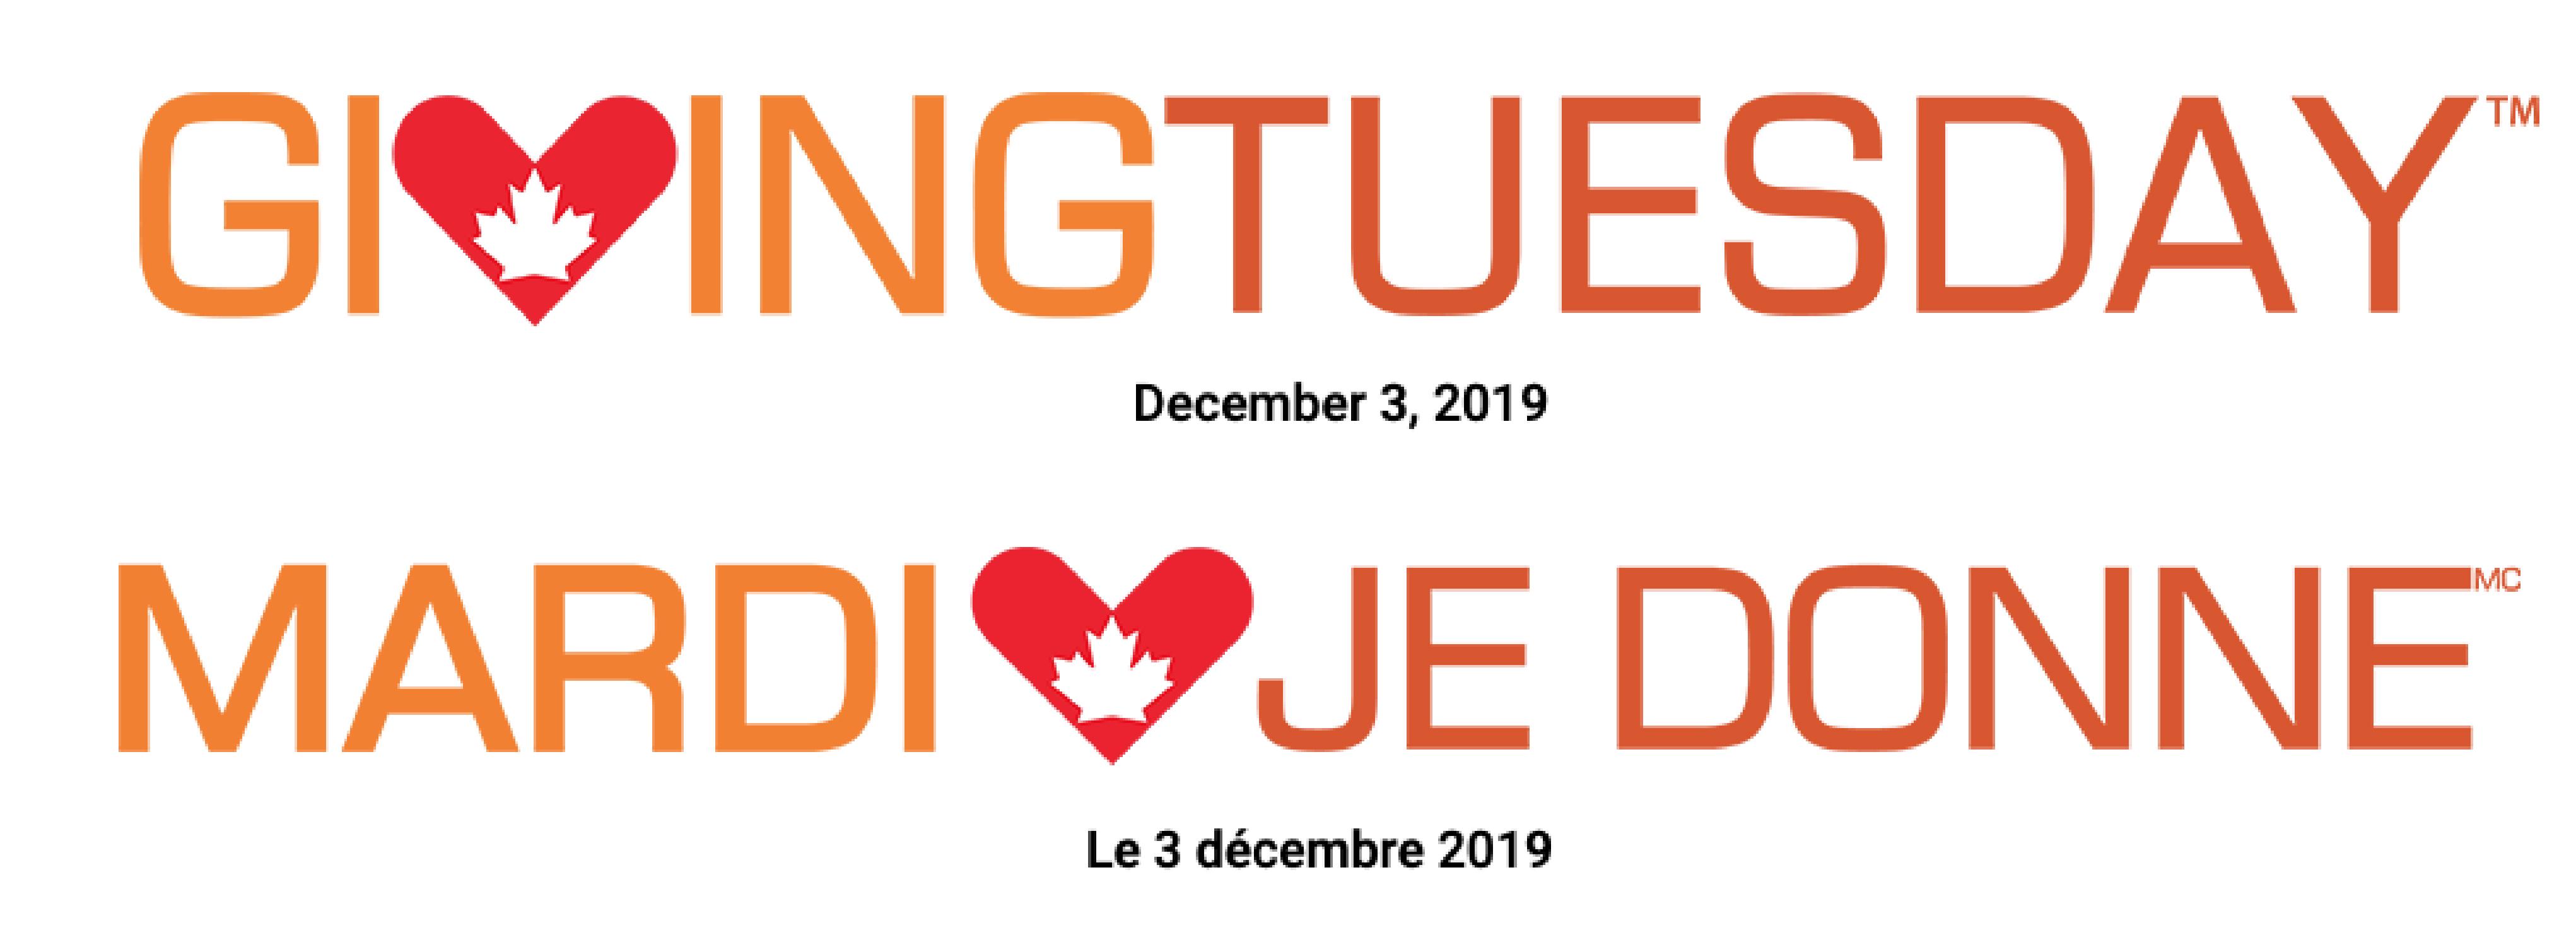 """Un panneau avec le texte """"Mardi je donne"""" en anglais et en français, et l'image d'un coeur"""